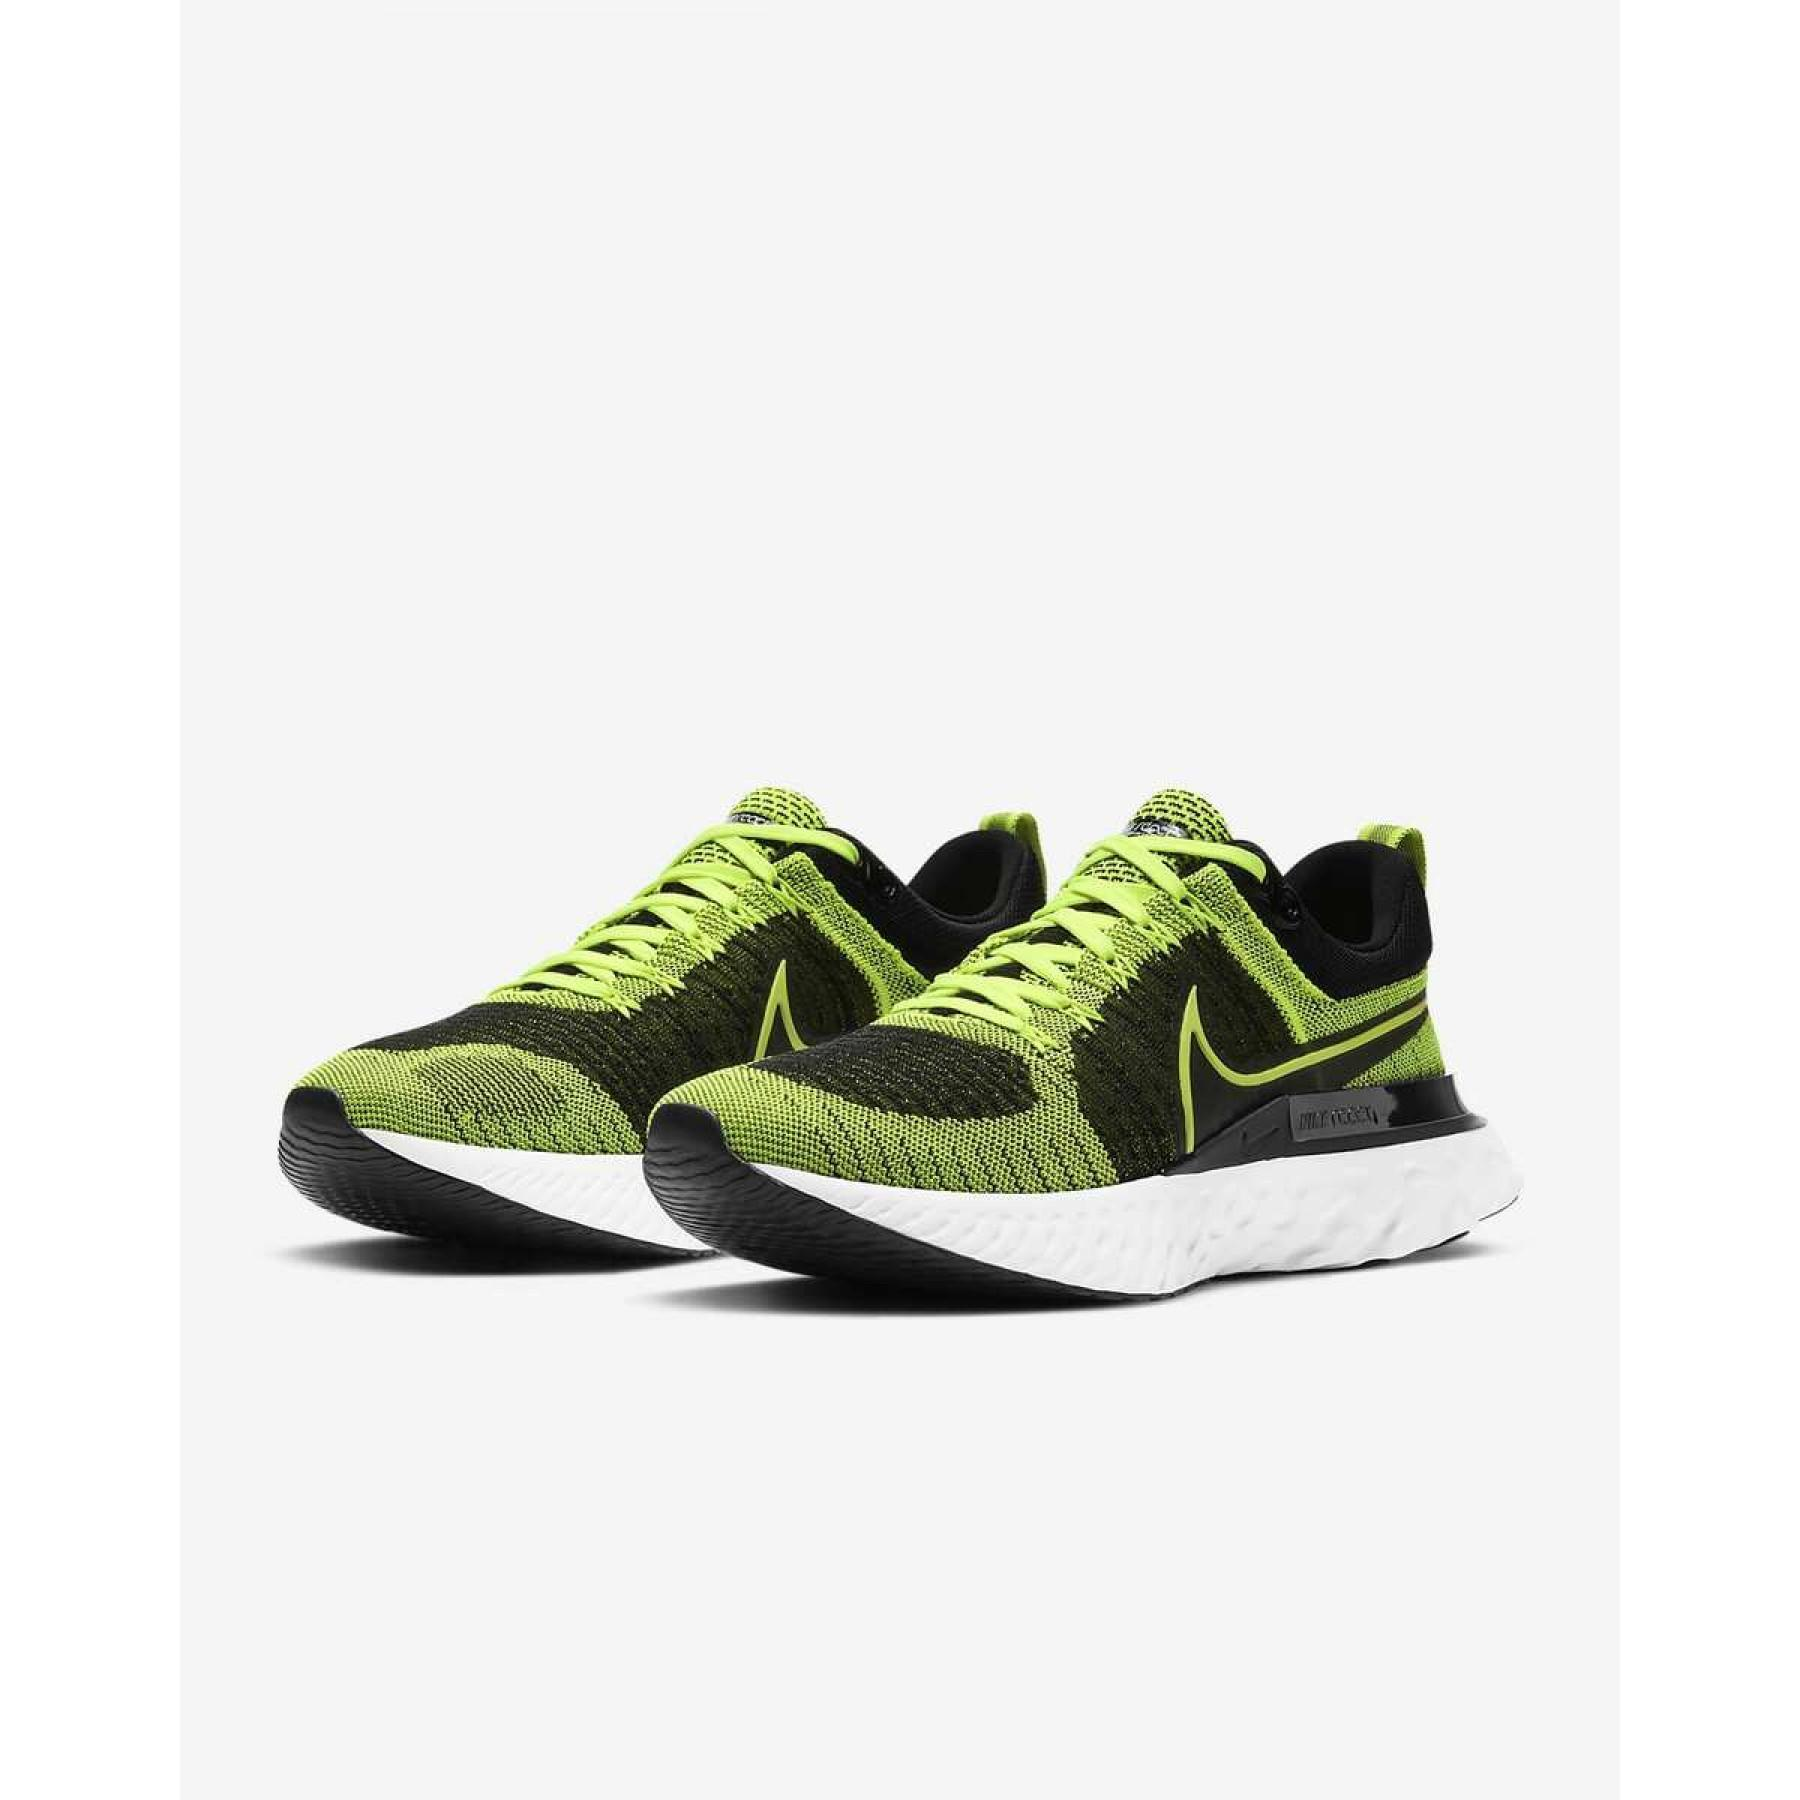 Nike React Infinity Run Flyknit 2 Shoes